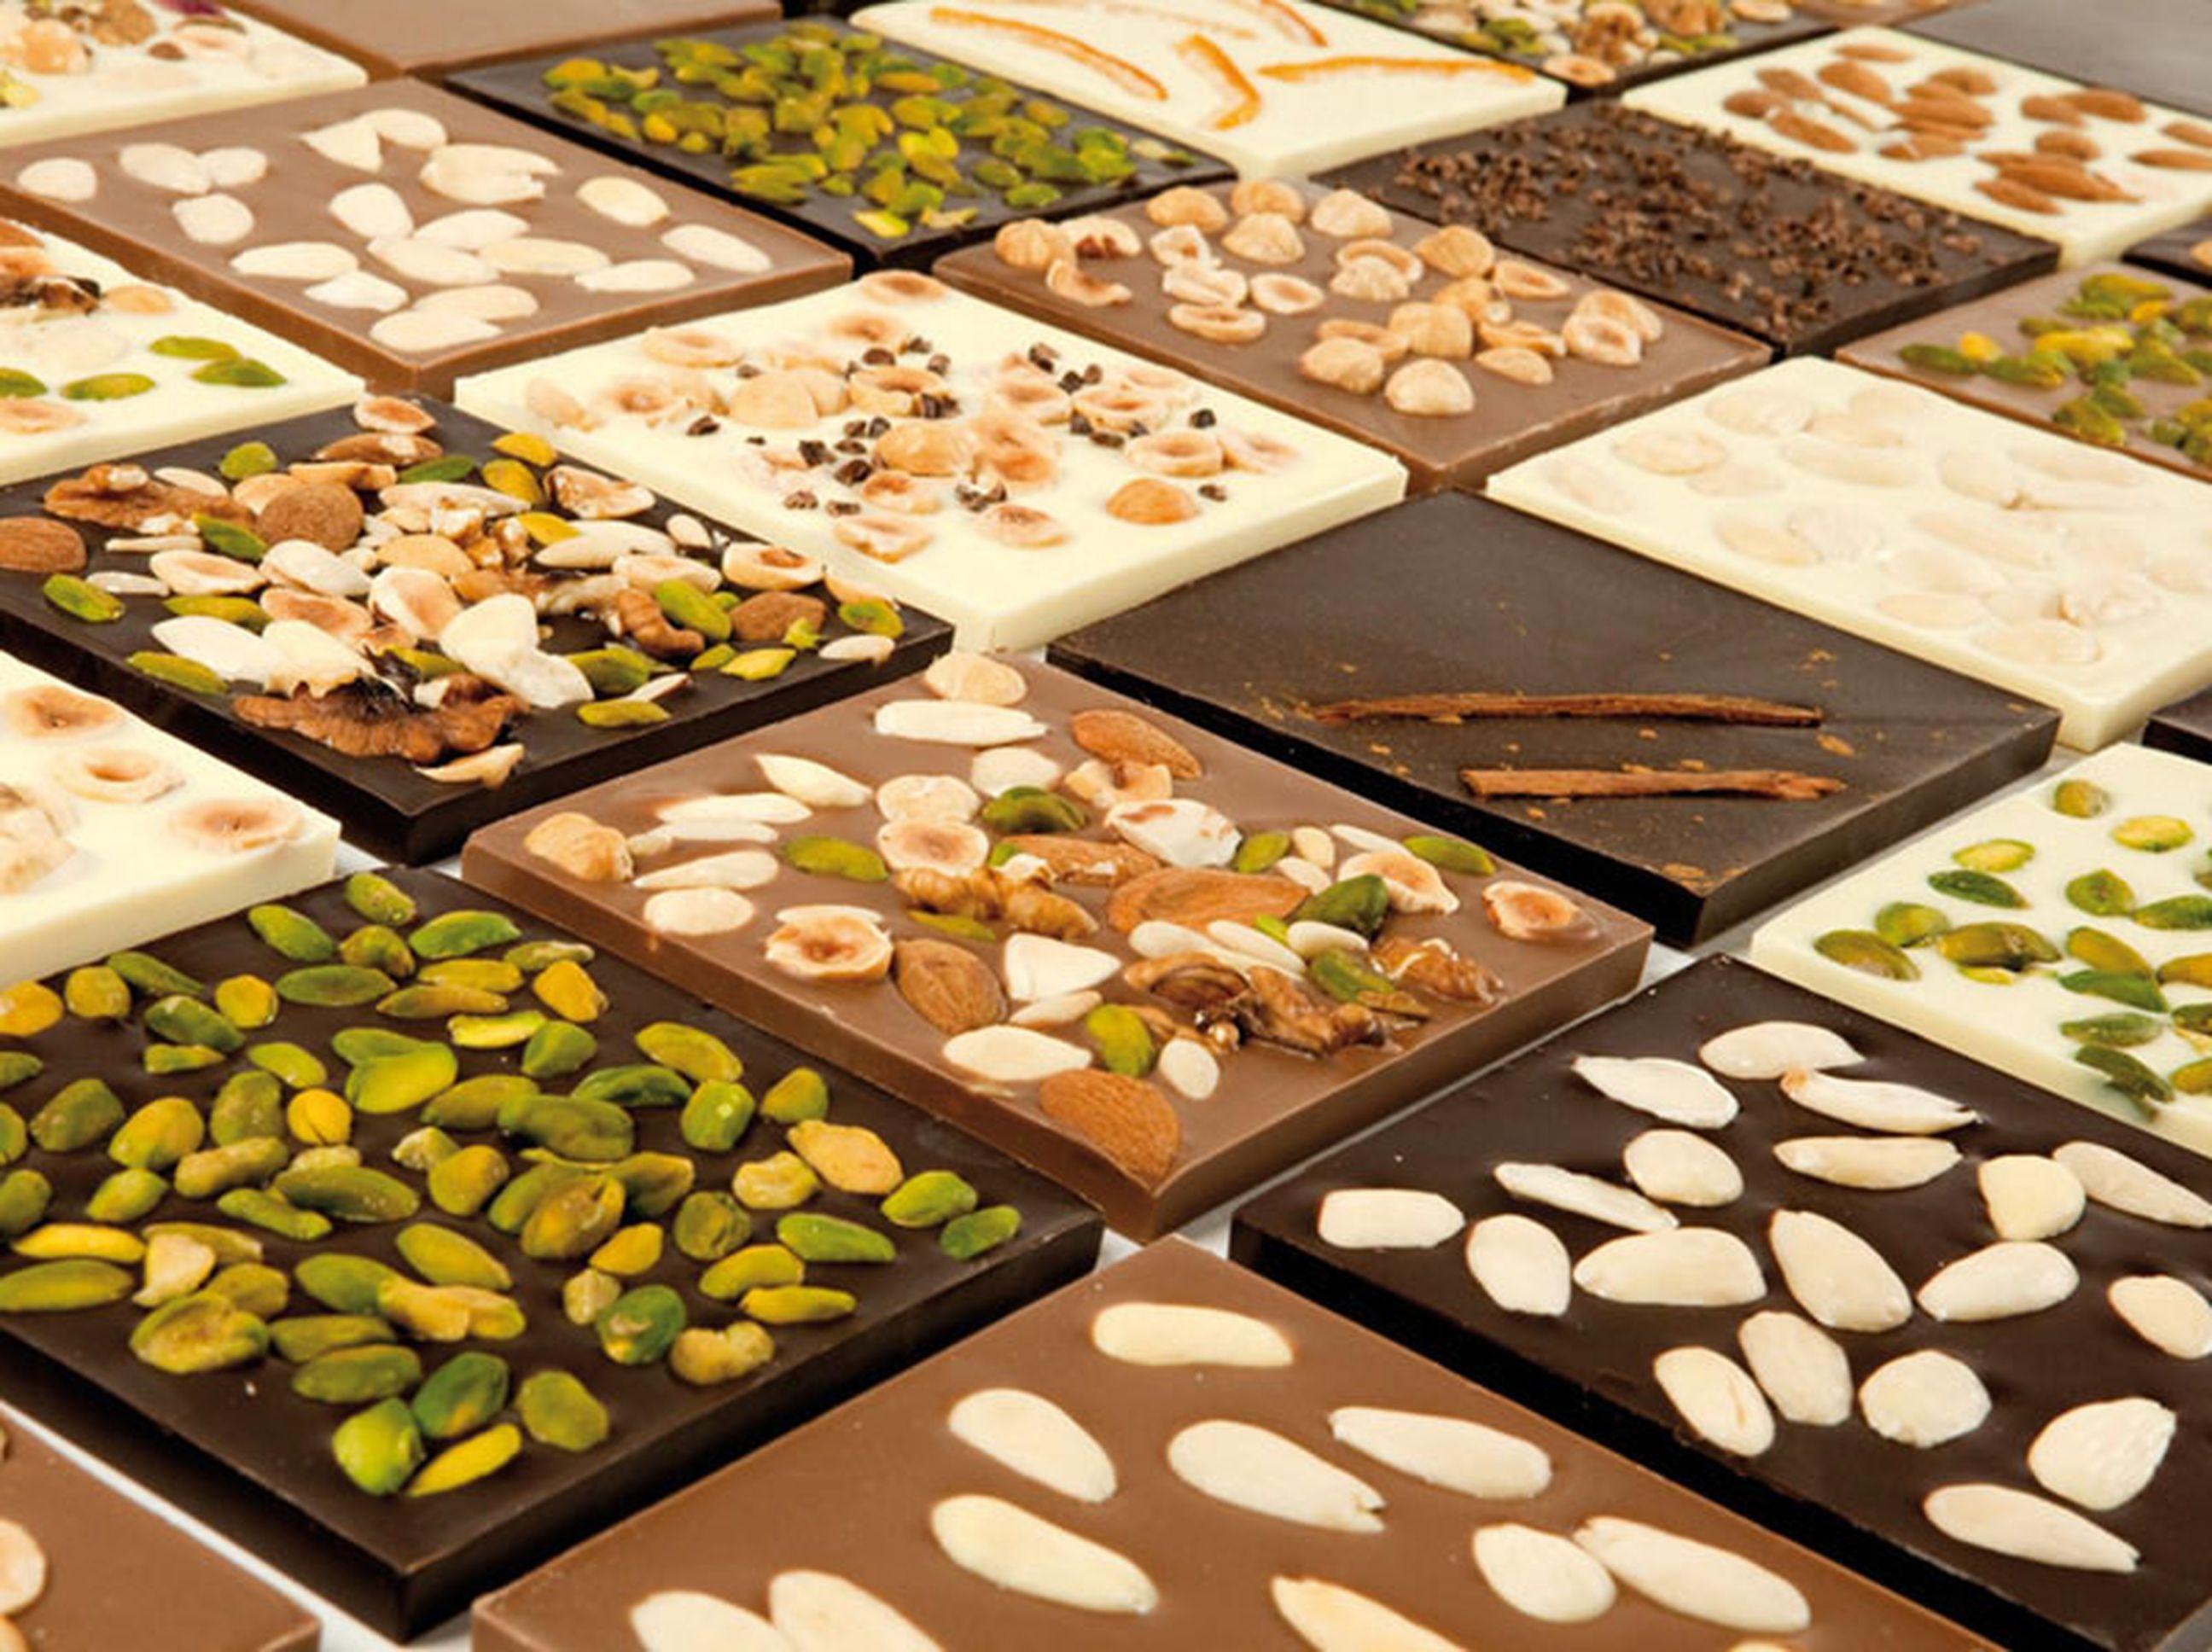 Perugina Chocolate